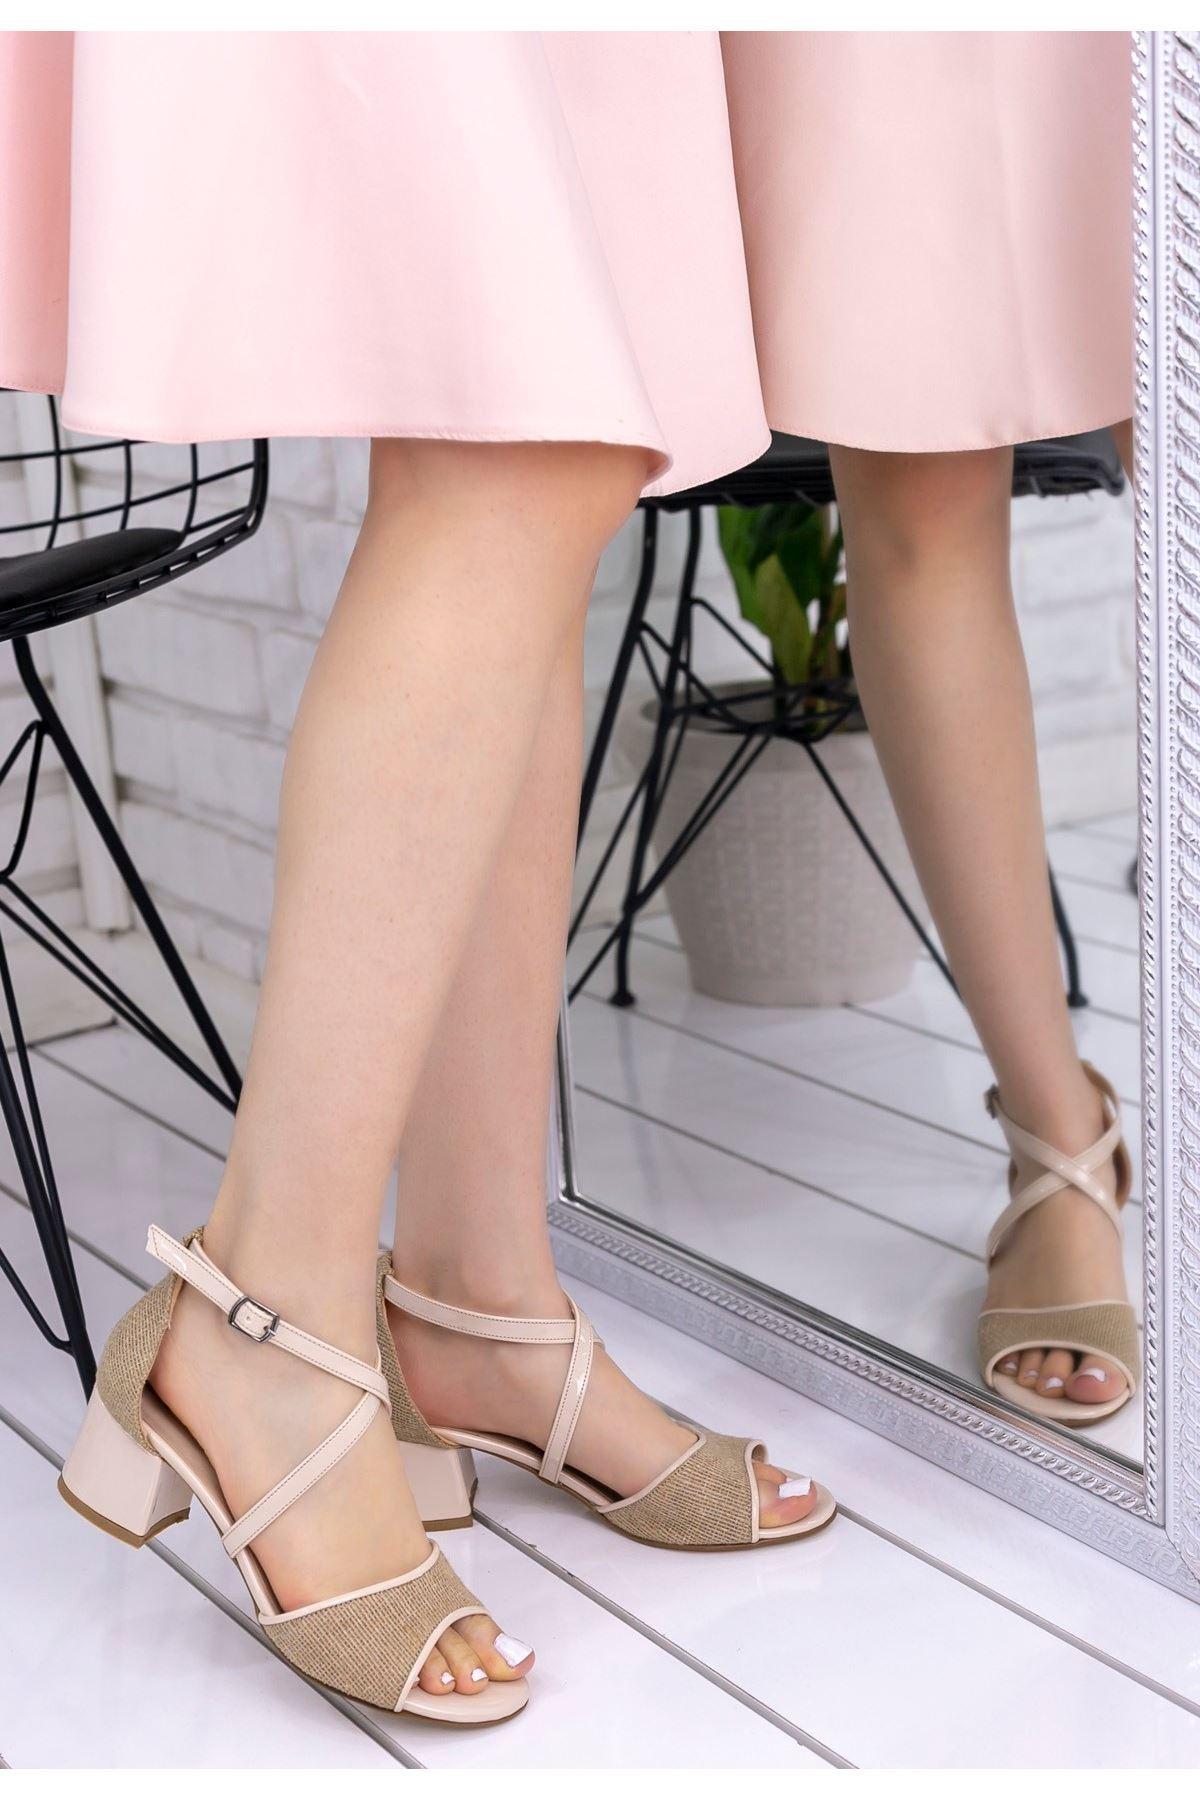 Sherry Krem Hasır Rugan  Detaylı Topuklu Ayakkabı